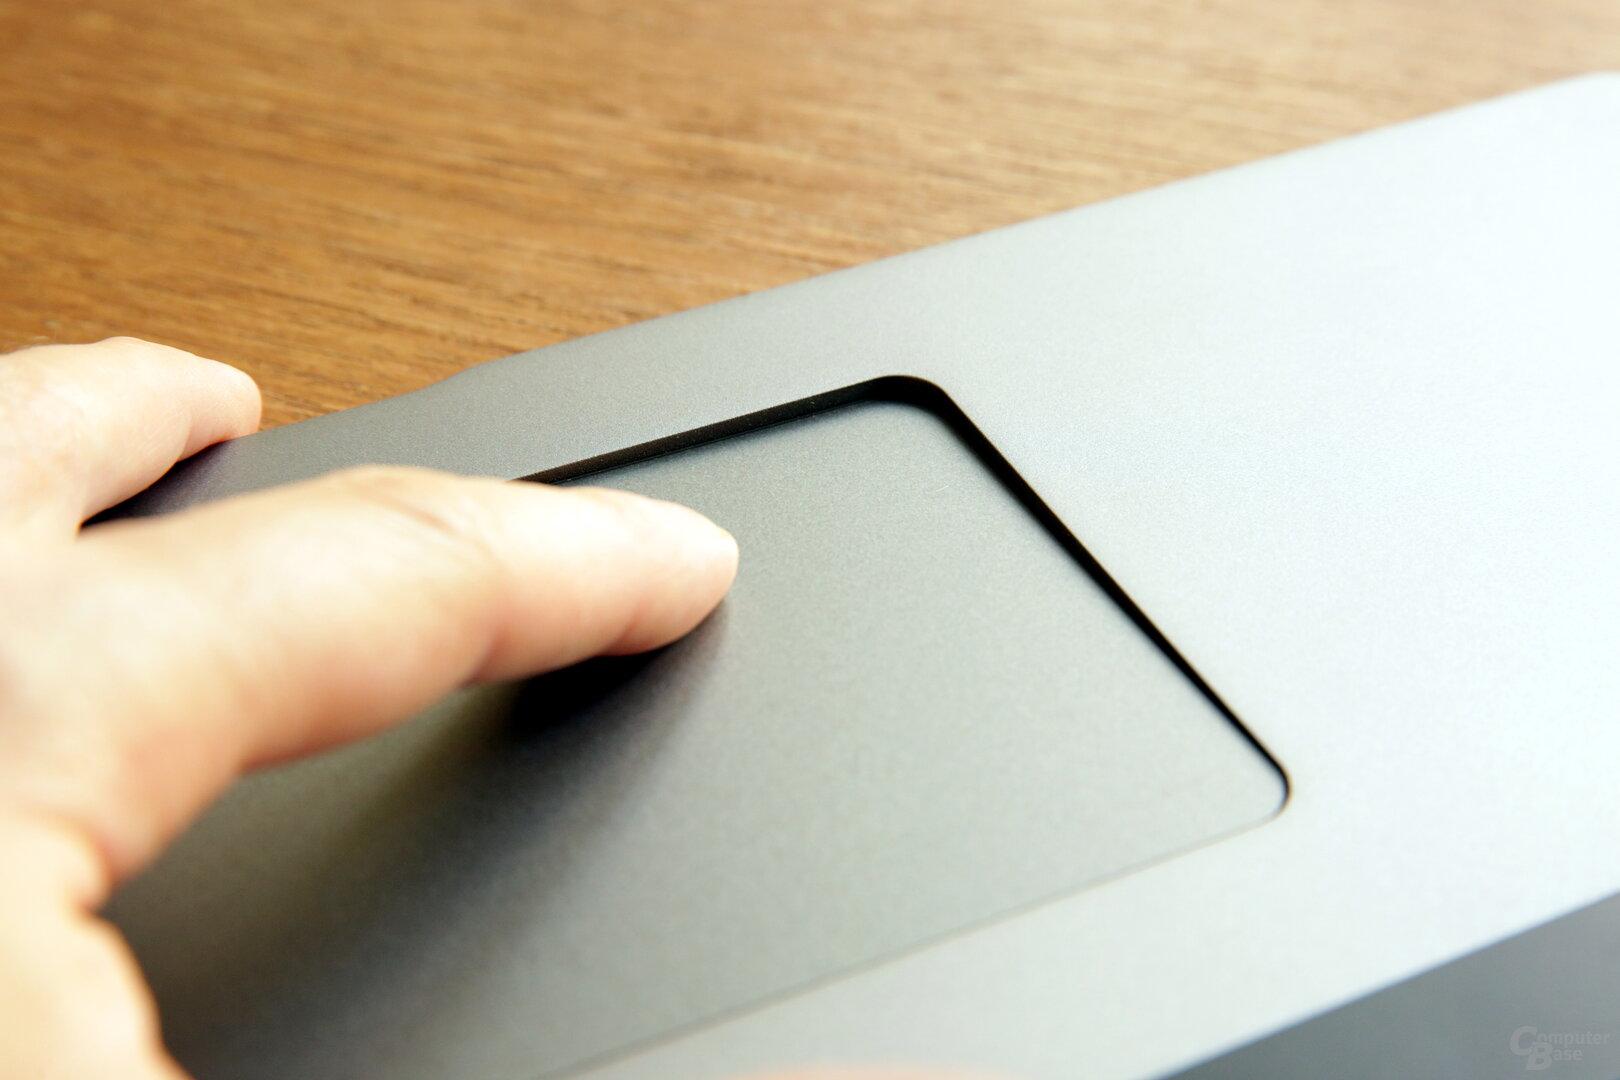 Das Touchpad sinkt beim Klick tief in das Gehäuse